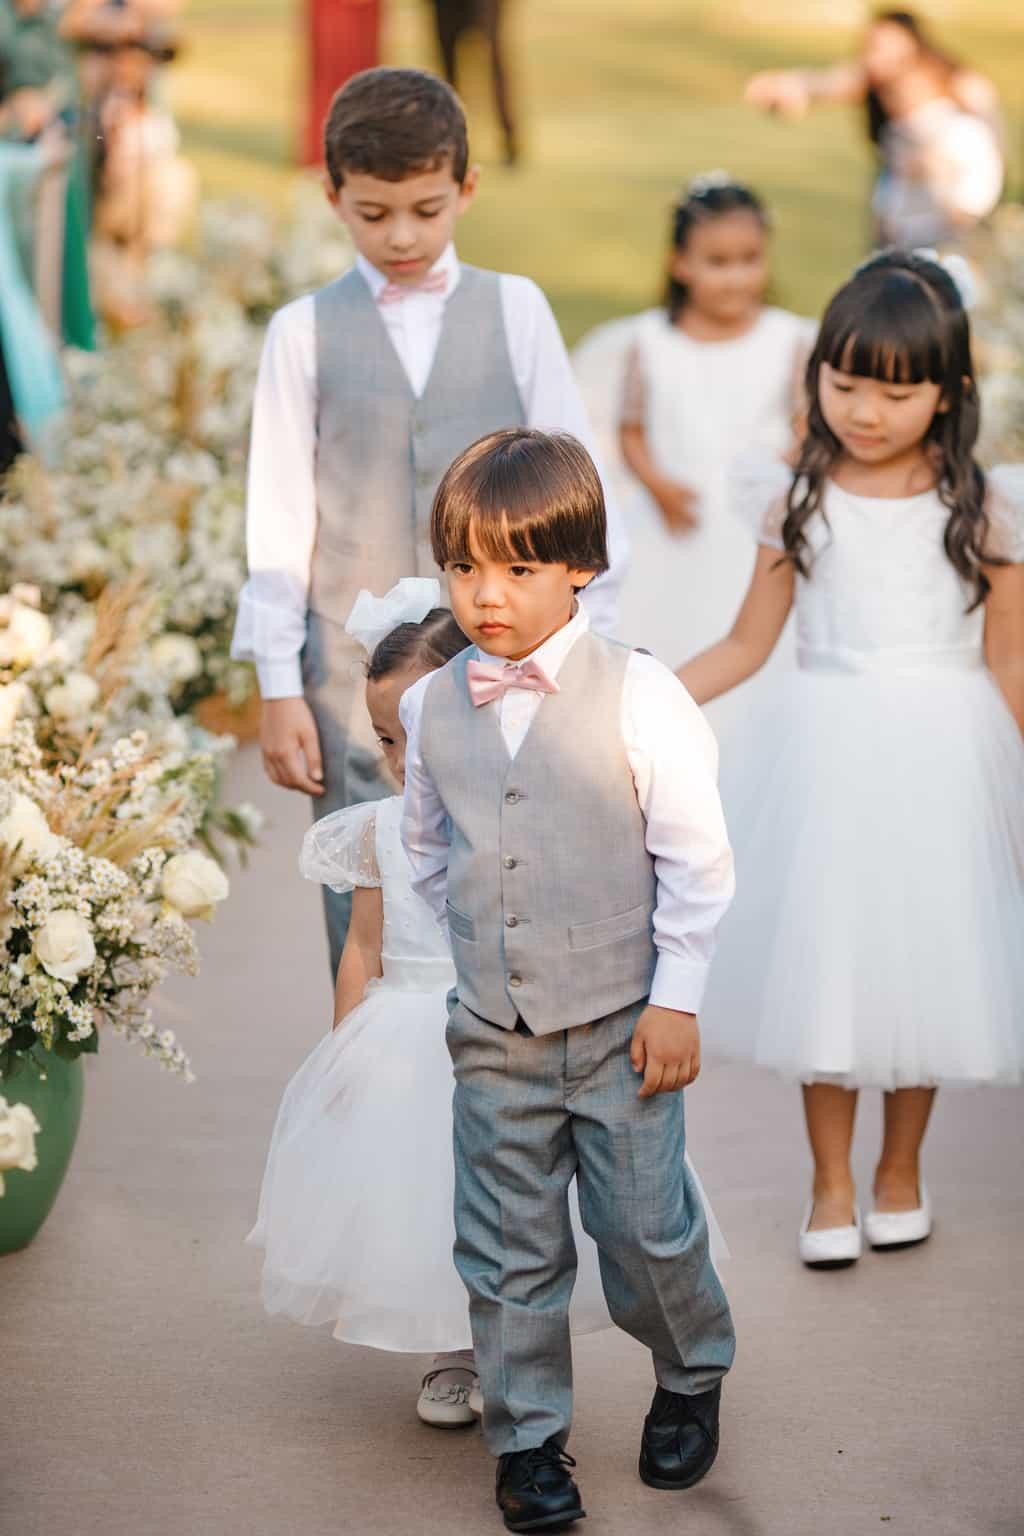 Casamento-Alissa-e-Gustavo-Cerimonial-Manu-Goncalez-Decor-Andrea-Kapps-Fasano-Angra-dos-Reis-Foto-VRebel-Cerimonia577